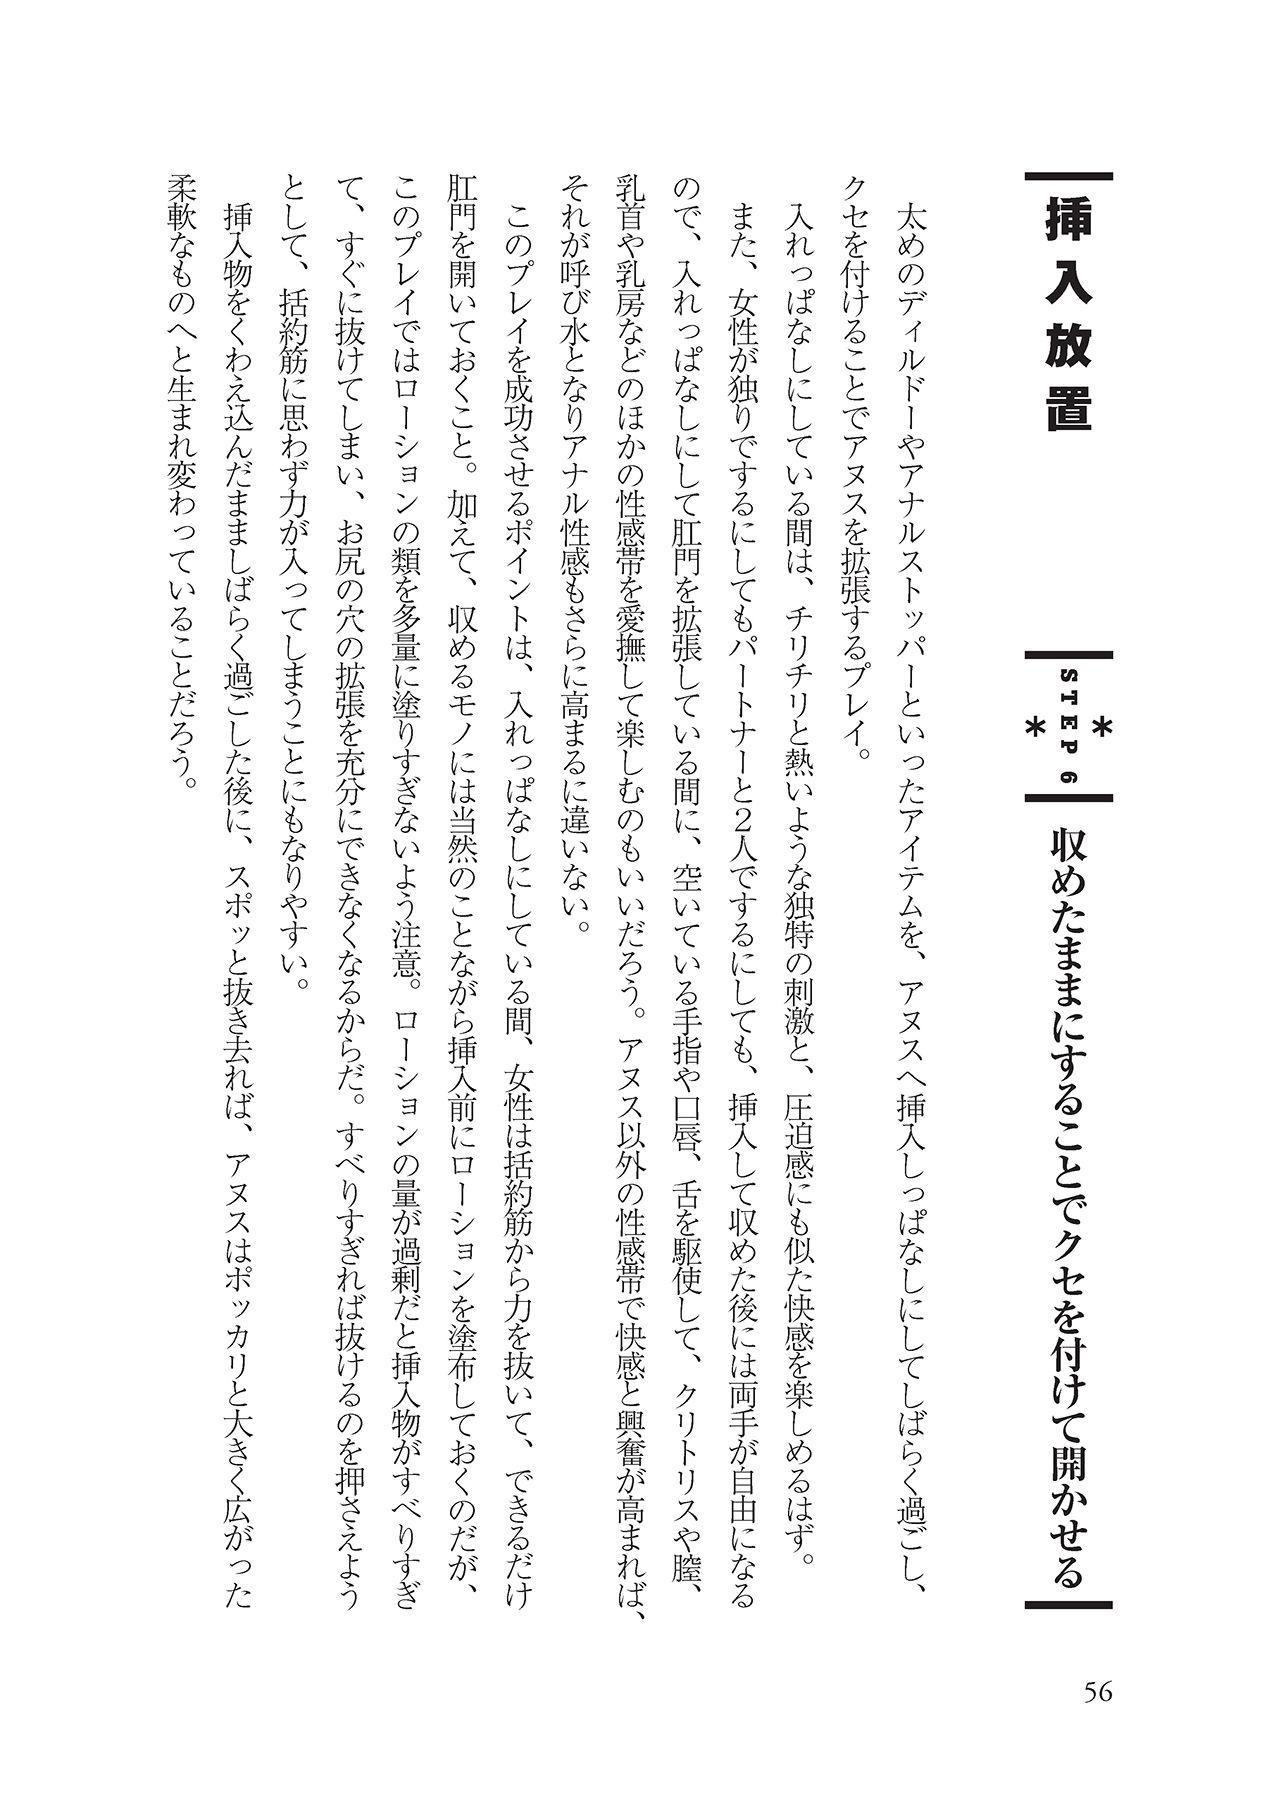 アナル性感開発・お尻エッチ 完全マニュアル 57